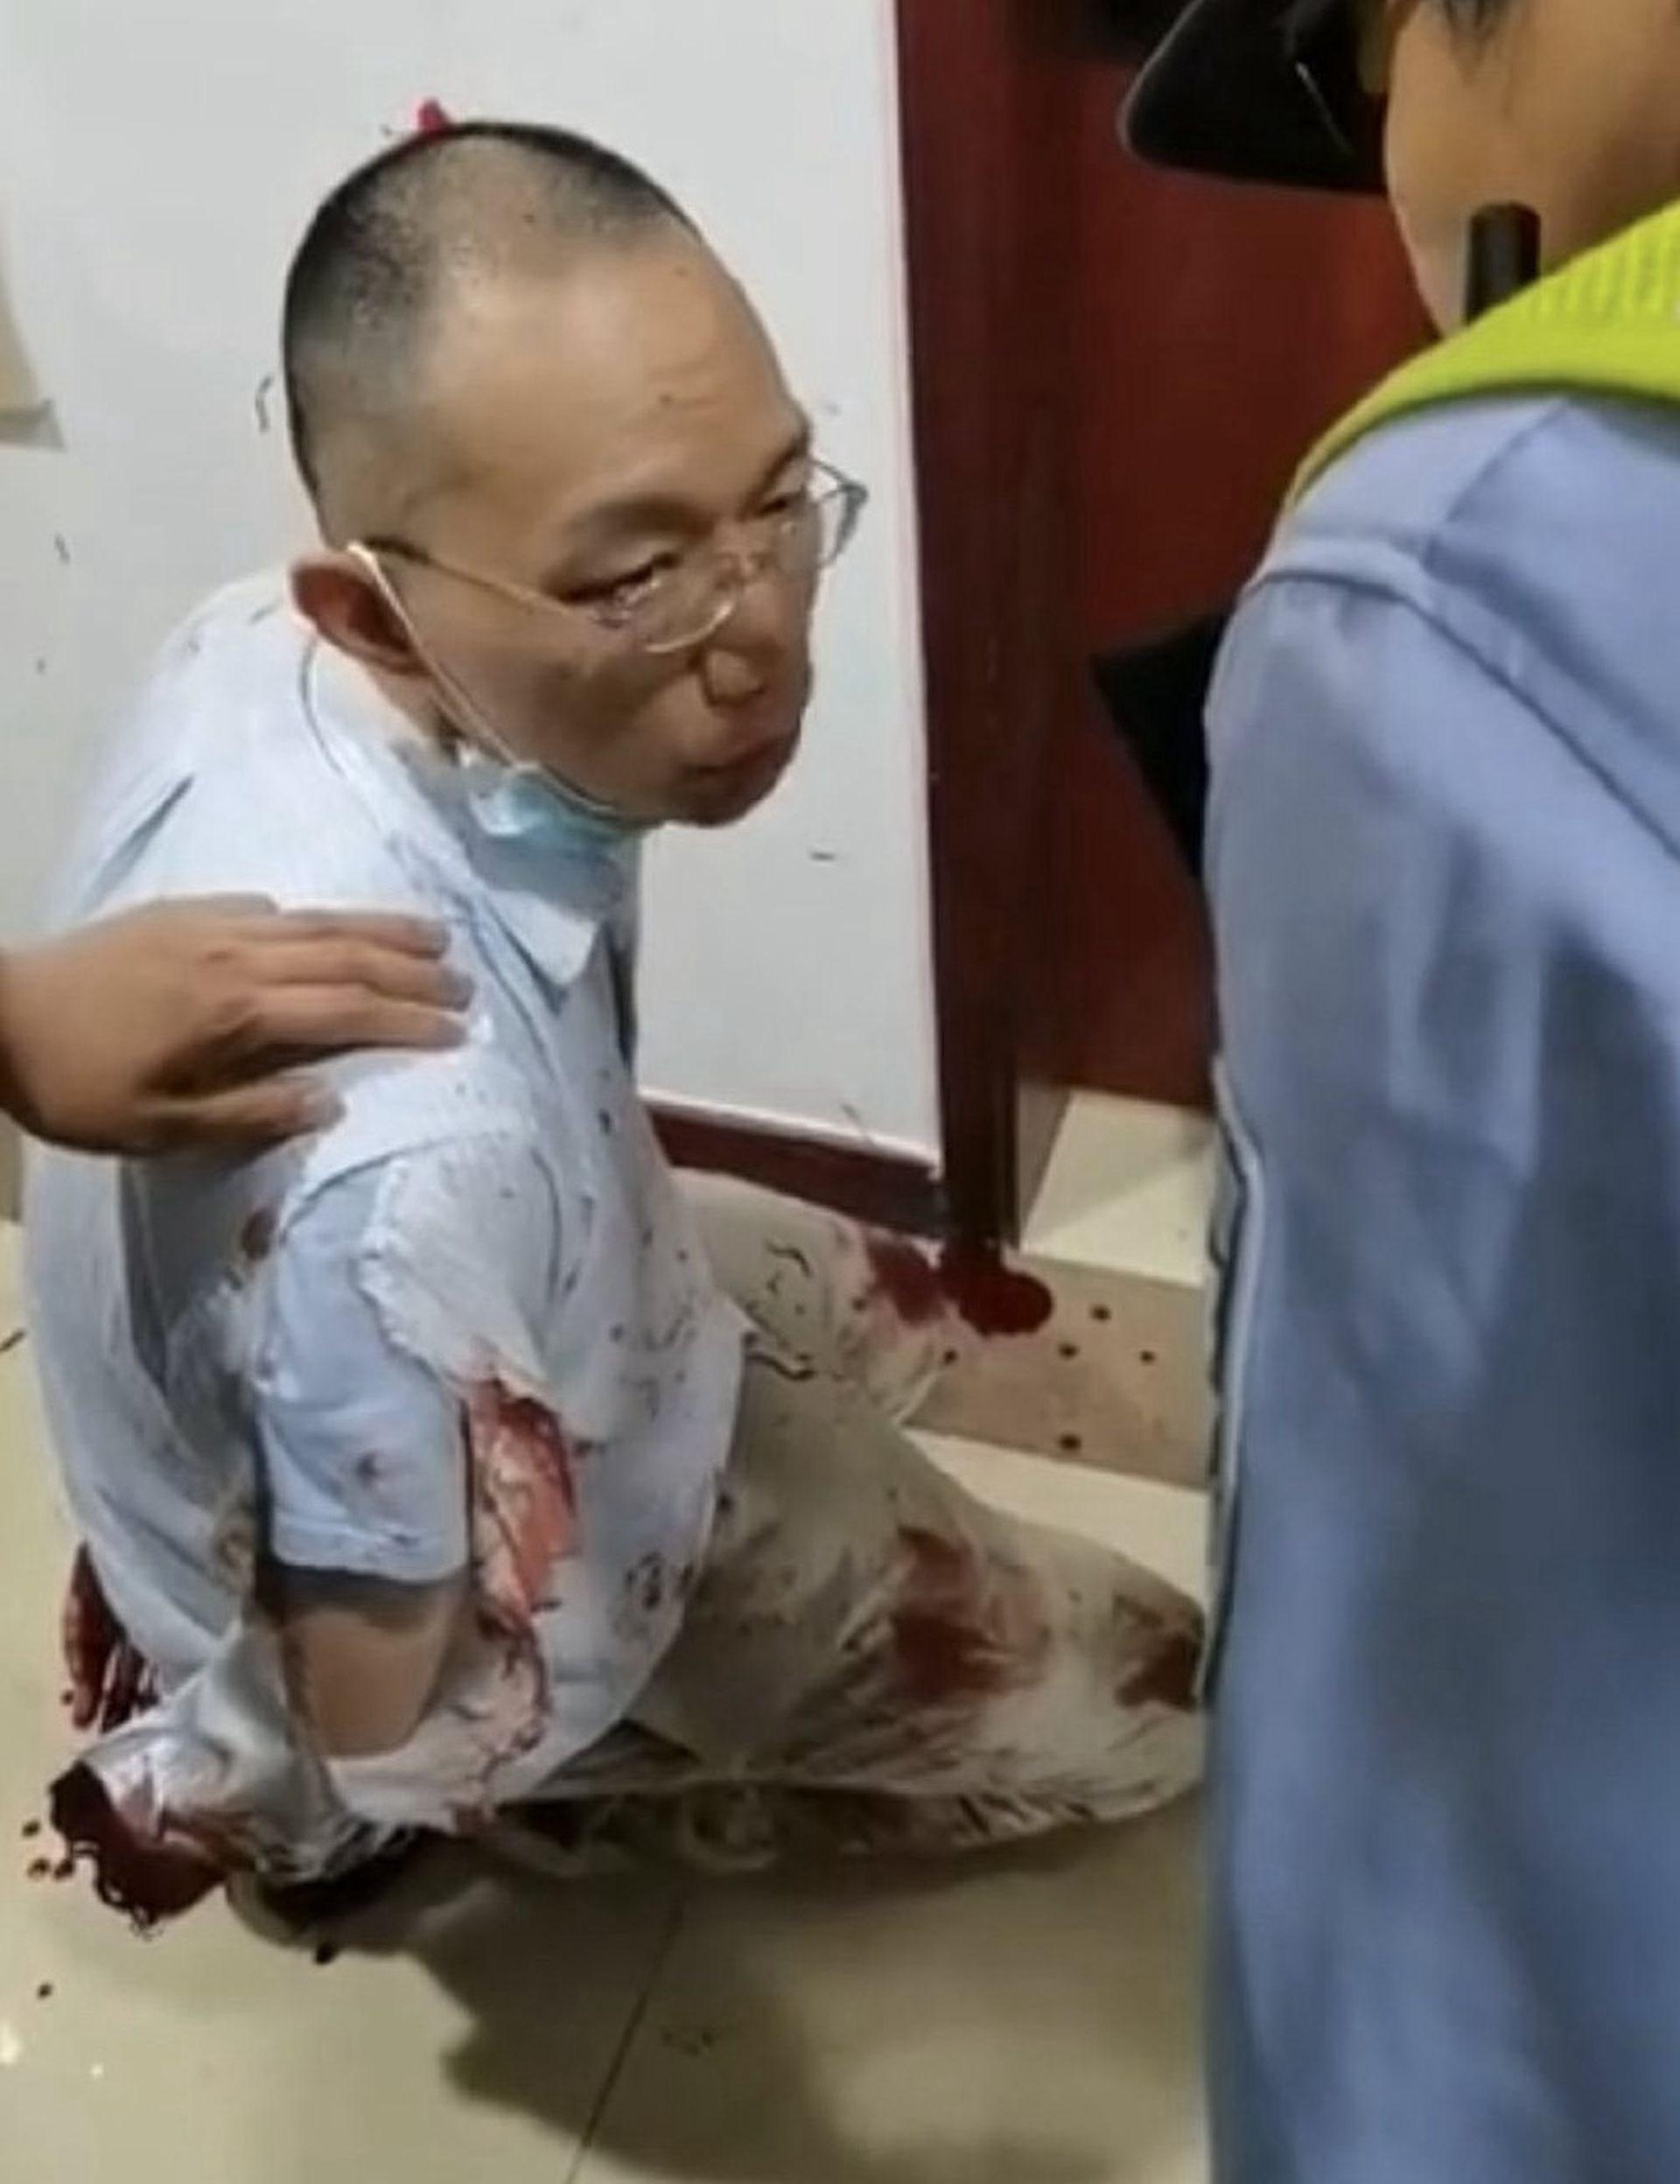 命案发生后,姜文华在复旦大学被捕。(微博@冲锋号角)